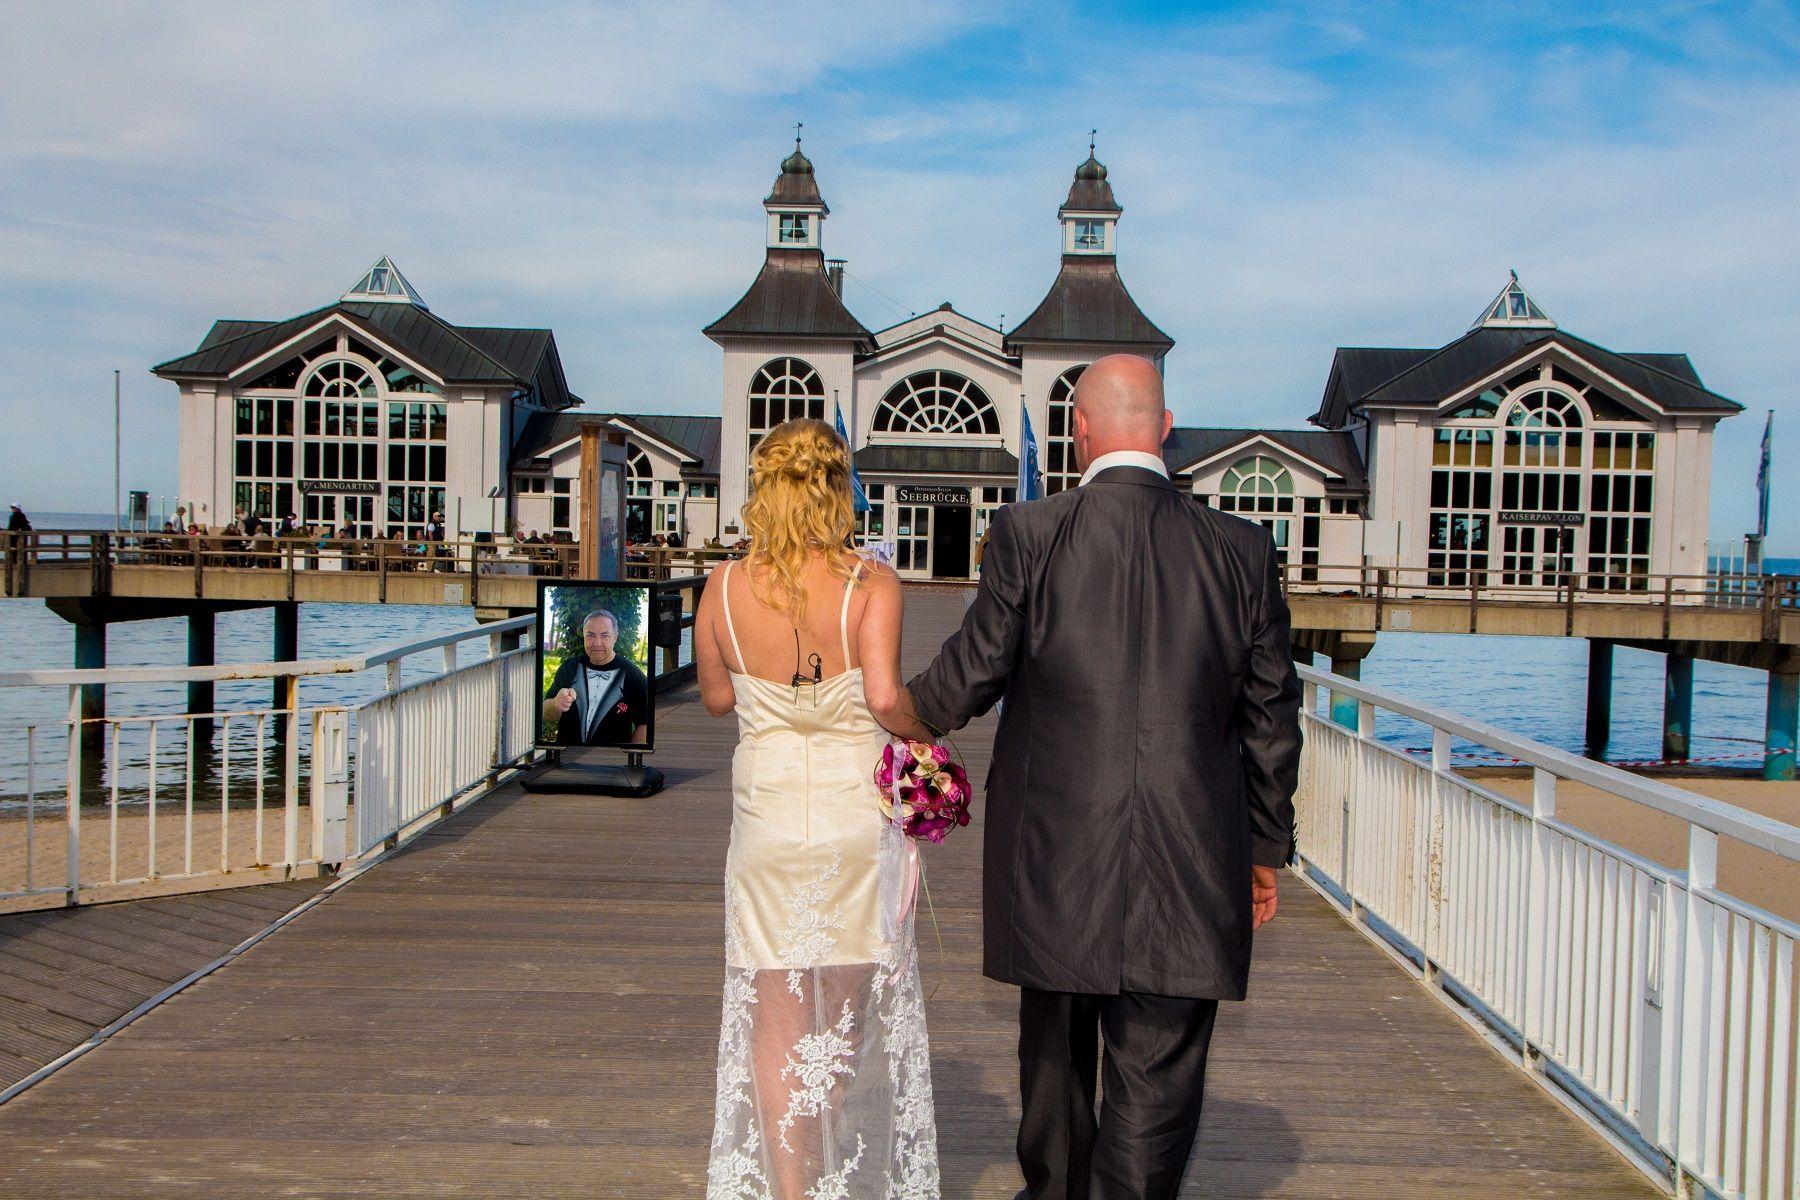 Heiraten Auf Der Seebrucke Sellin Hochzeit Auf Rugen An Der Ostsee Mecklenburg Vorpommern Party Imd Baltic S Dj Hochzeits Dj Hochzeitsfotograf